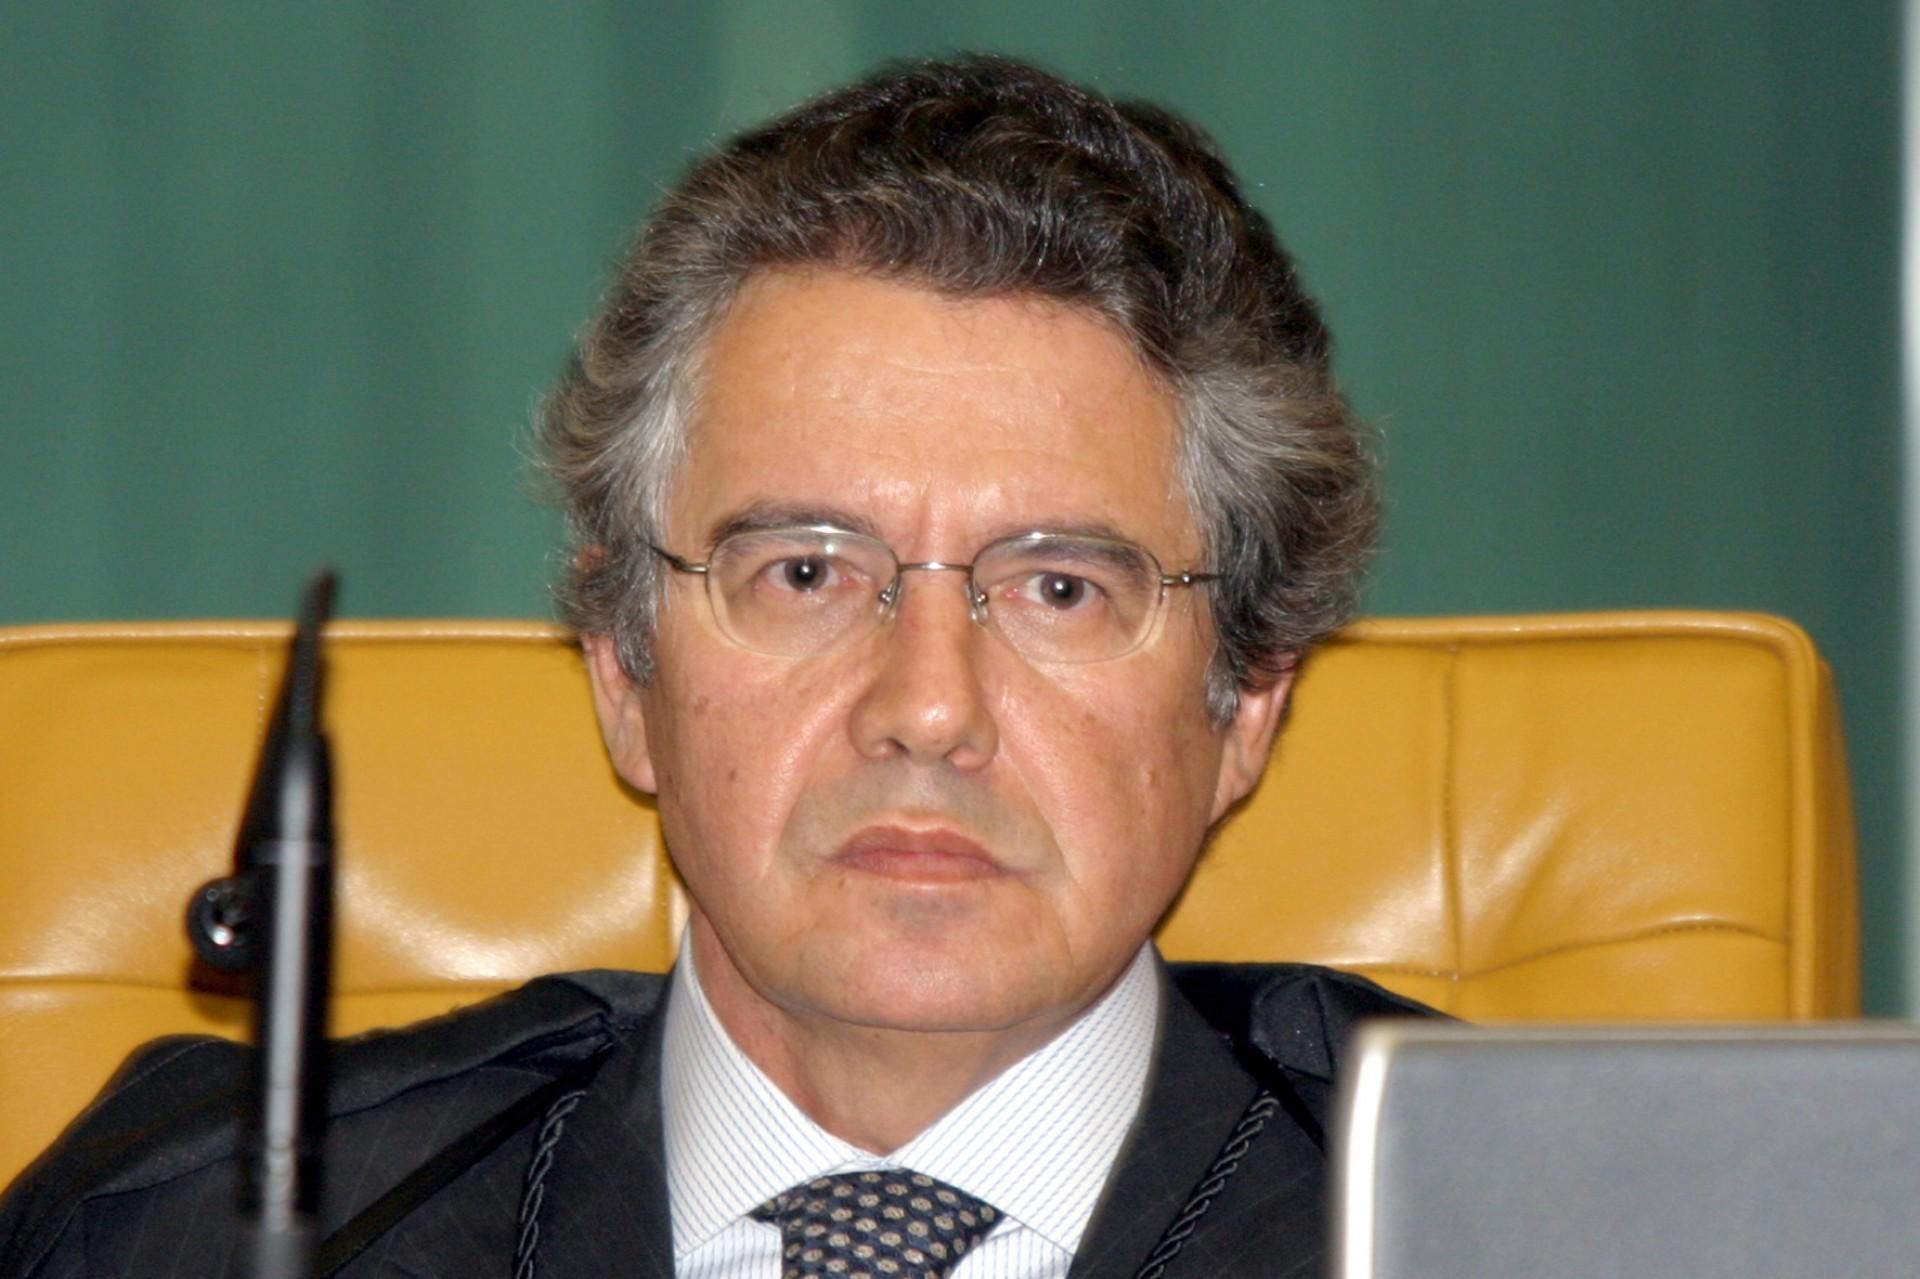 DECANO da Corte foi voto minoritário em cerca de um terço das votações (Foto: STF/Divulgação)